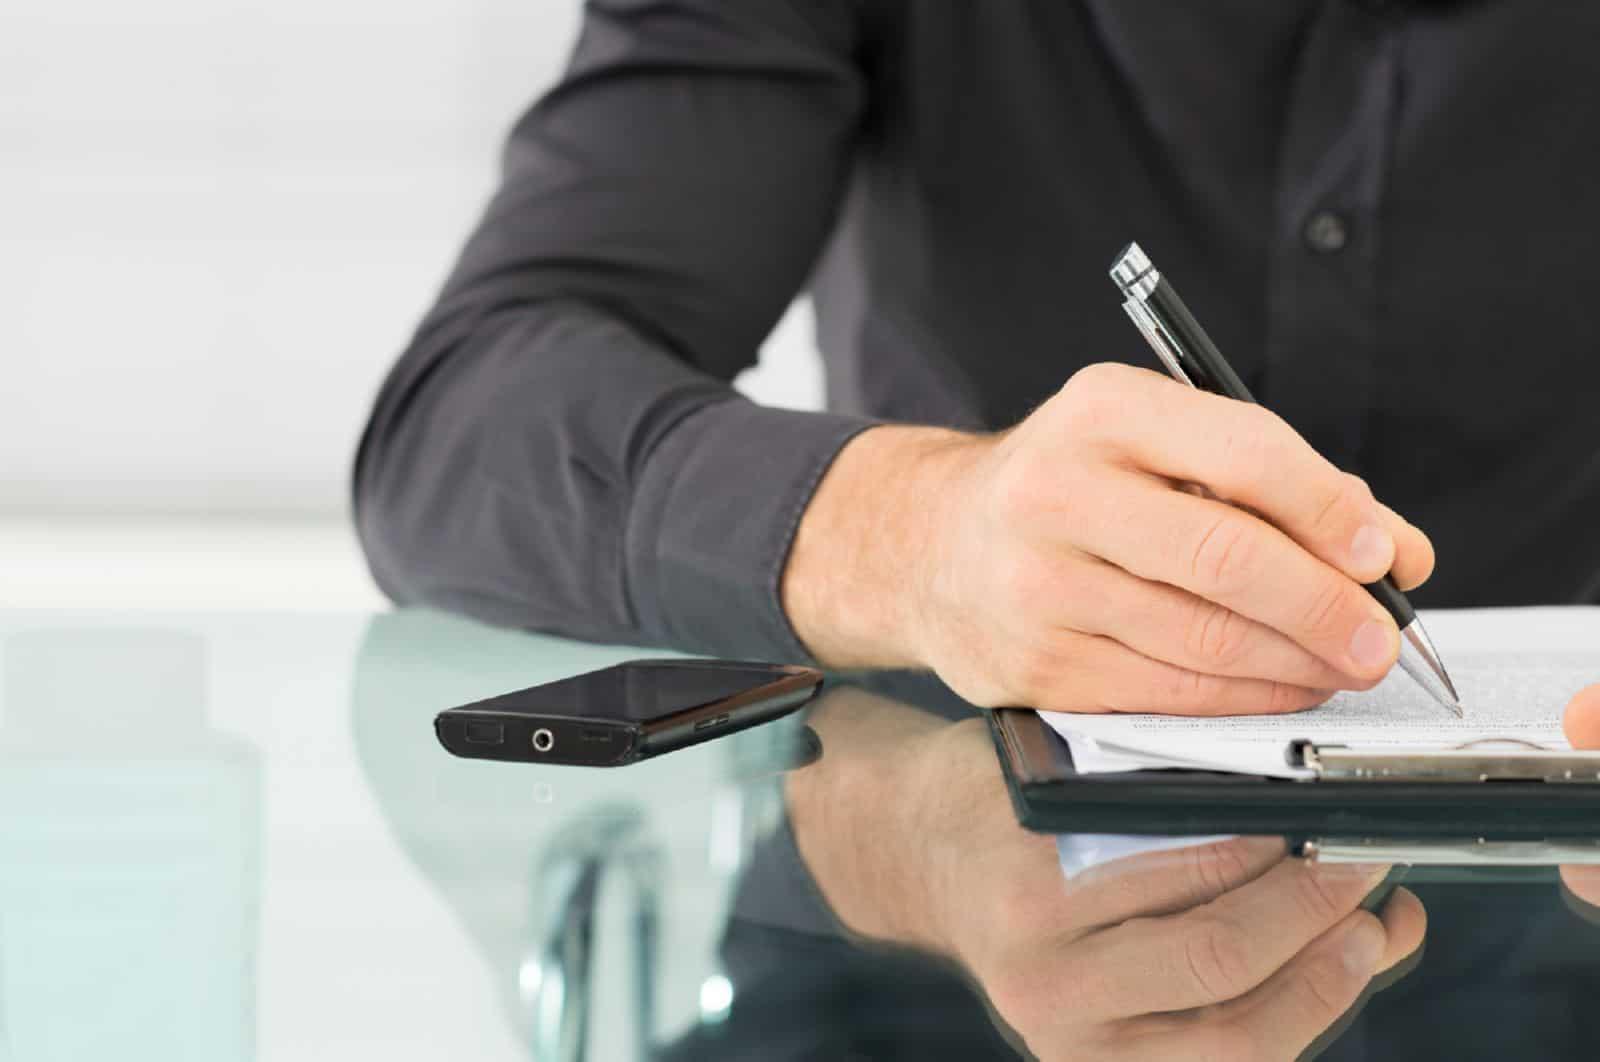 Порядок предъявления требования кредитора при банкротстве в упрощенном порядке